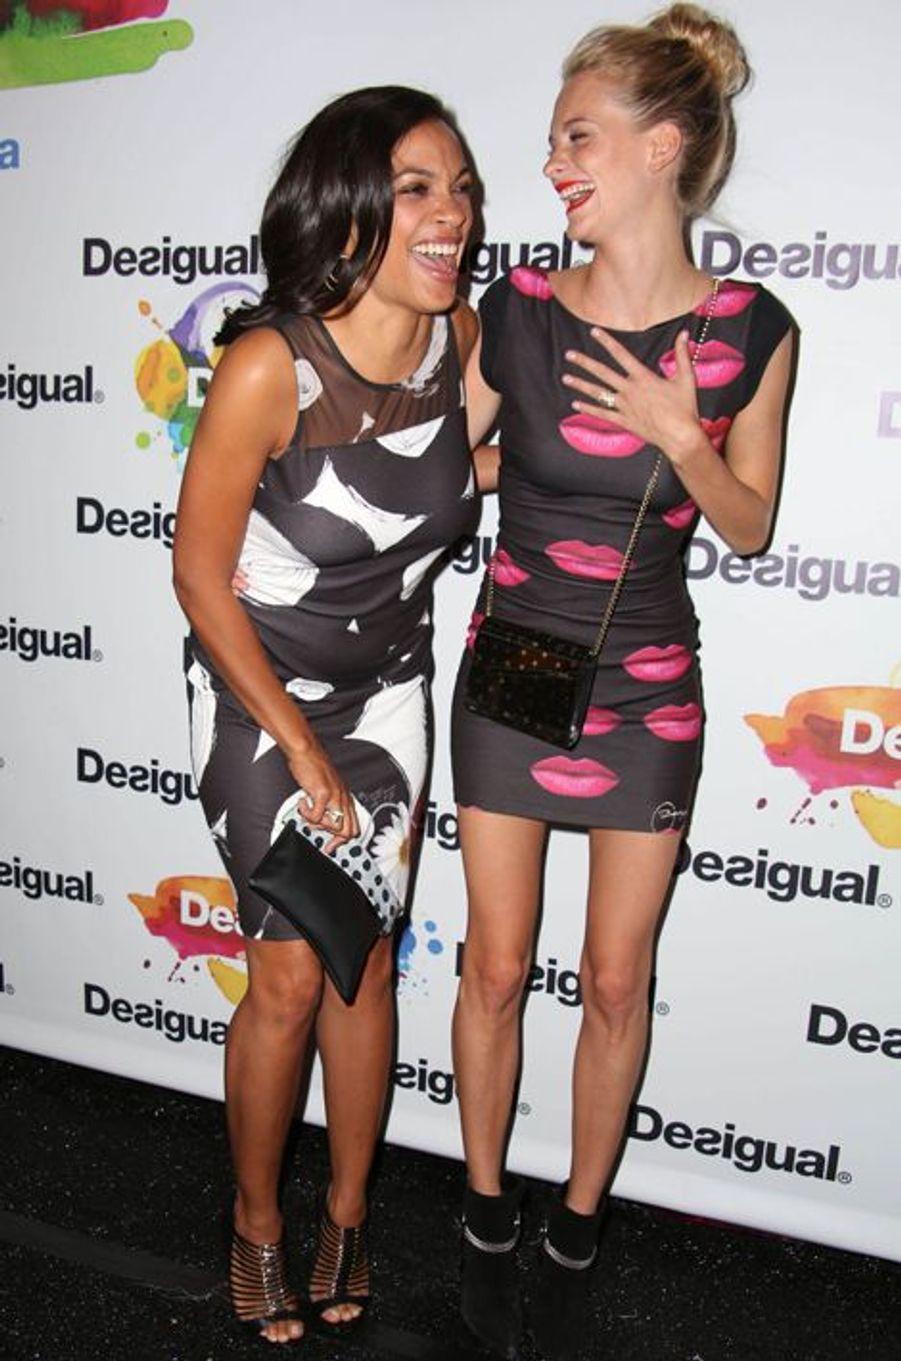 Rosario Dawson et Poppy Delevingne avant le défilé Desigual